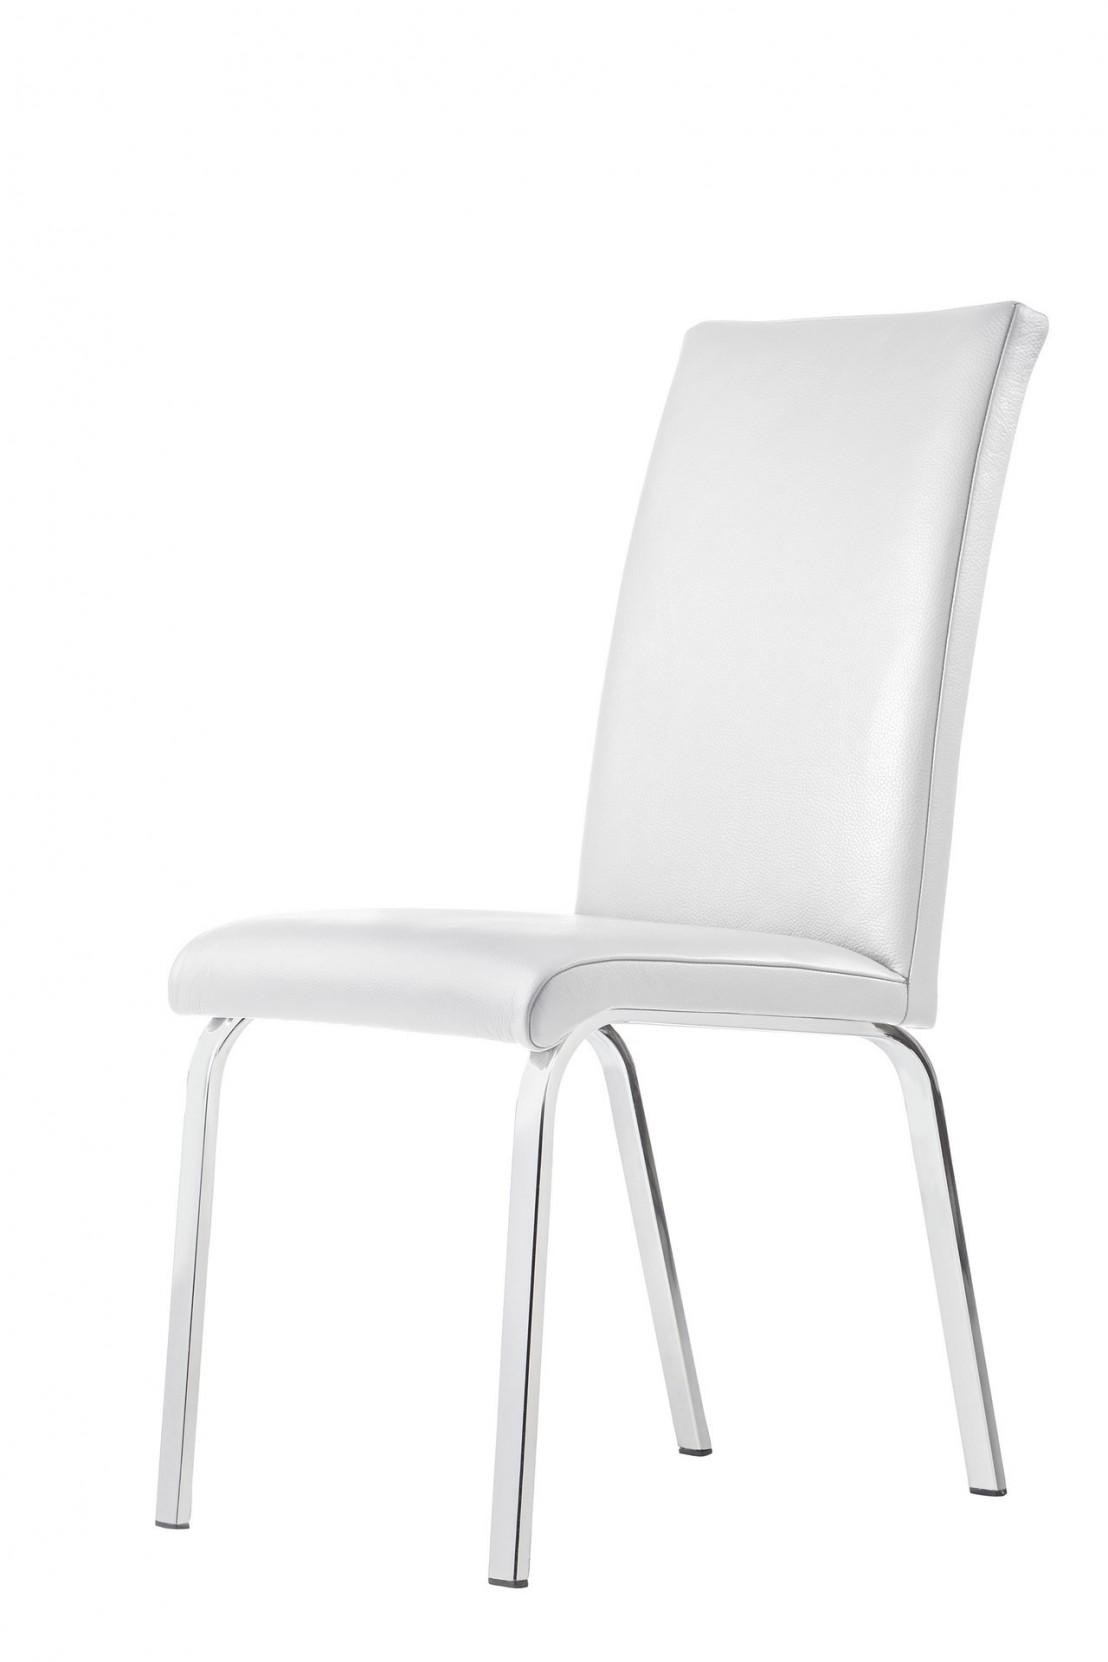 Chaise lofty m lot de 4 chaises design cuir ou tissu for Chaise 4 pieds design